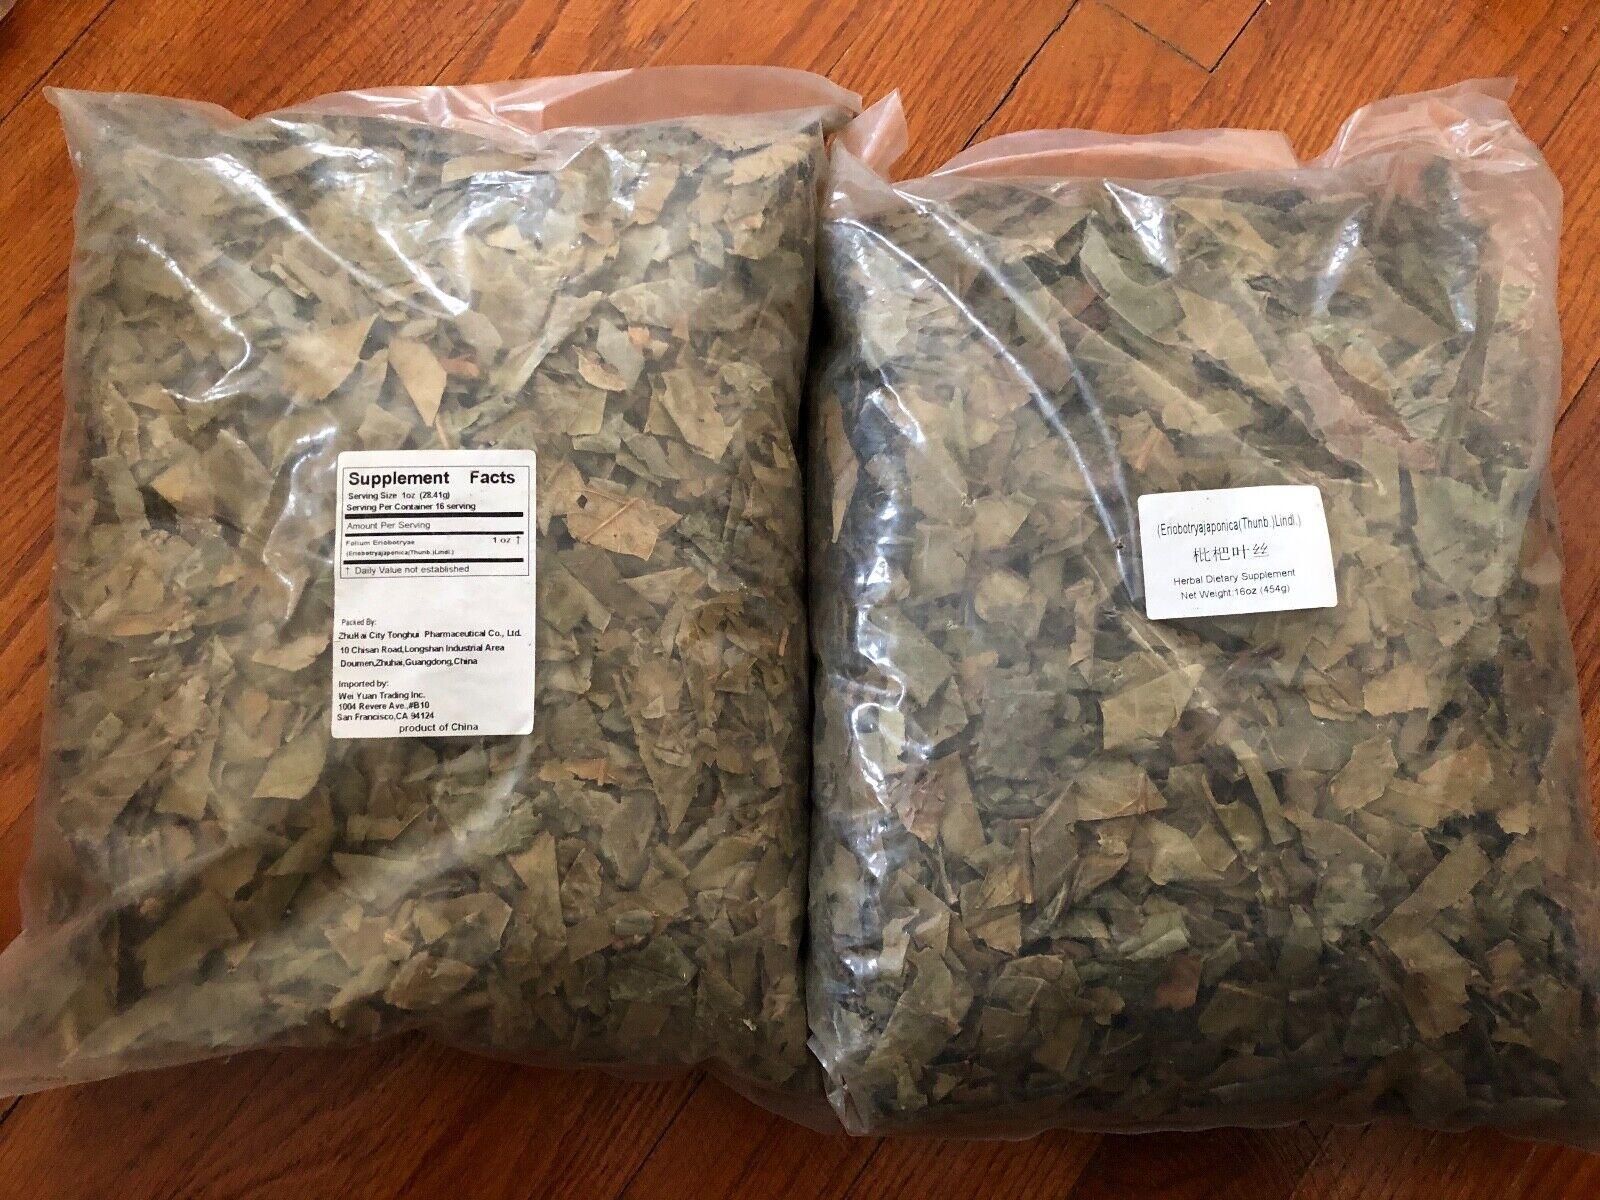 1b Organic Loquat Leaf / Eriobotrya Japonica Dried Chinese Herbs Pi Pa Ye 1